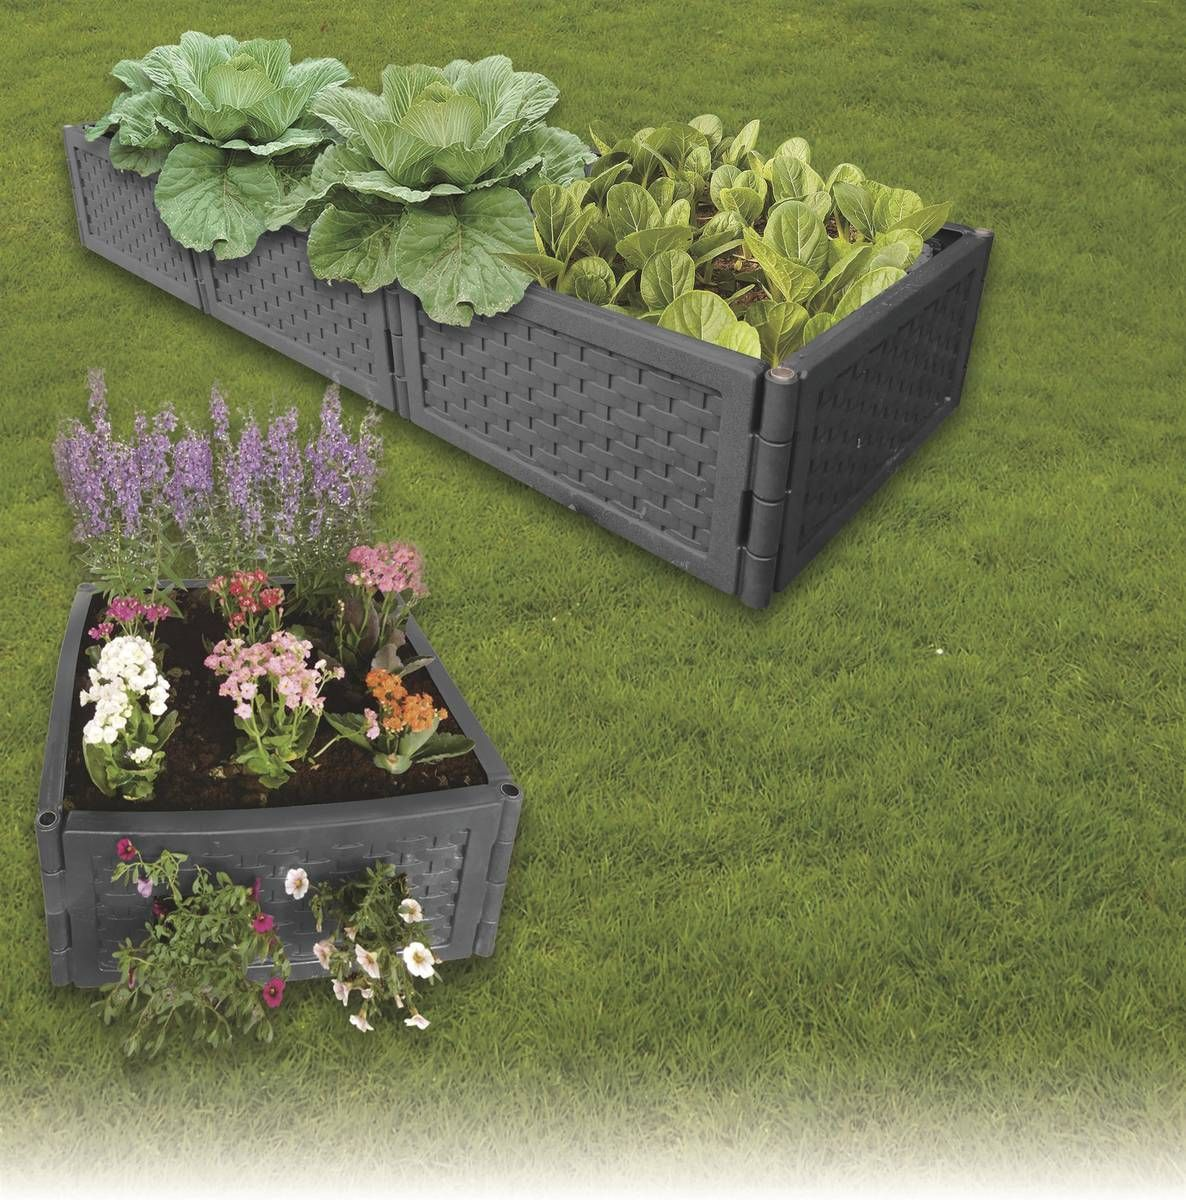 Hochbeet Hochbeet Hochbeet Garten Und Balkon Westfalia Hochbeet Flexibles System Mit Beliebiger Erweiterung In Hohe Und Breite Ideal In 2020 Plants Garden